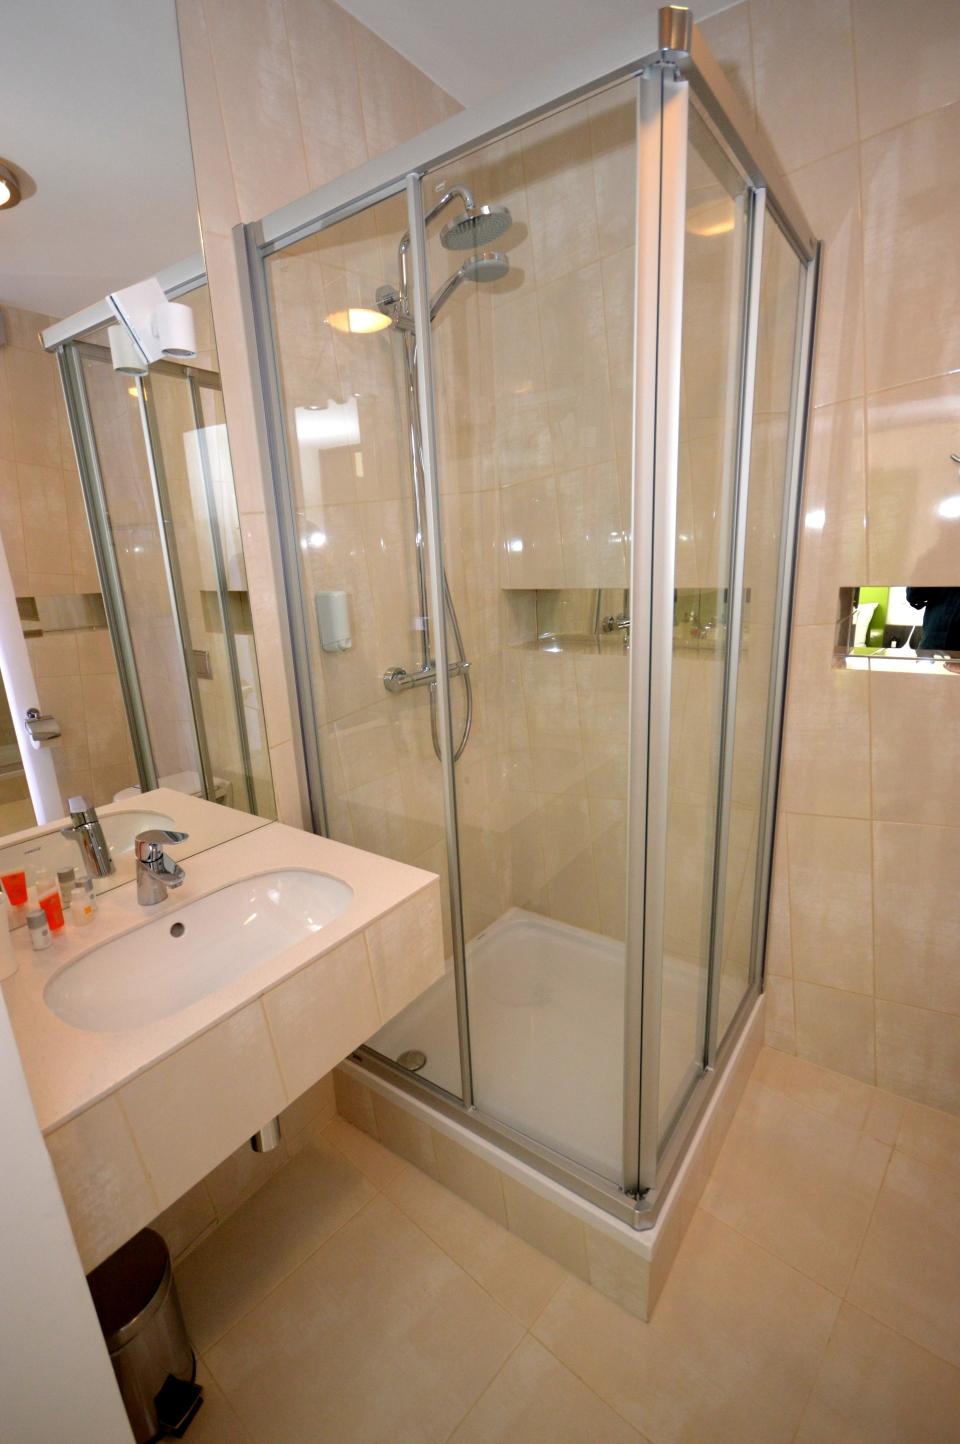 Pokój oliwkowy - łazienka